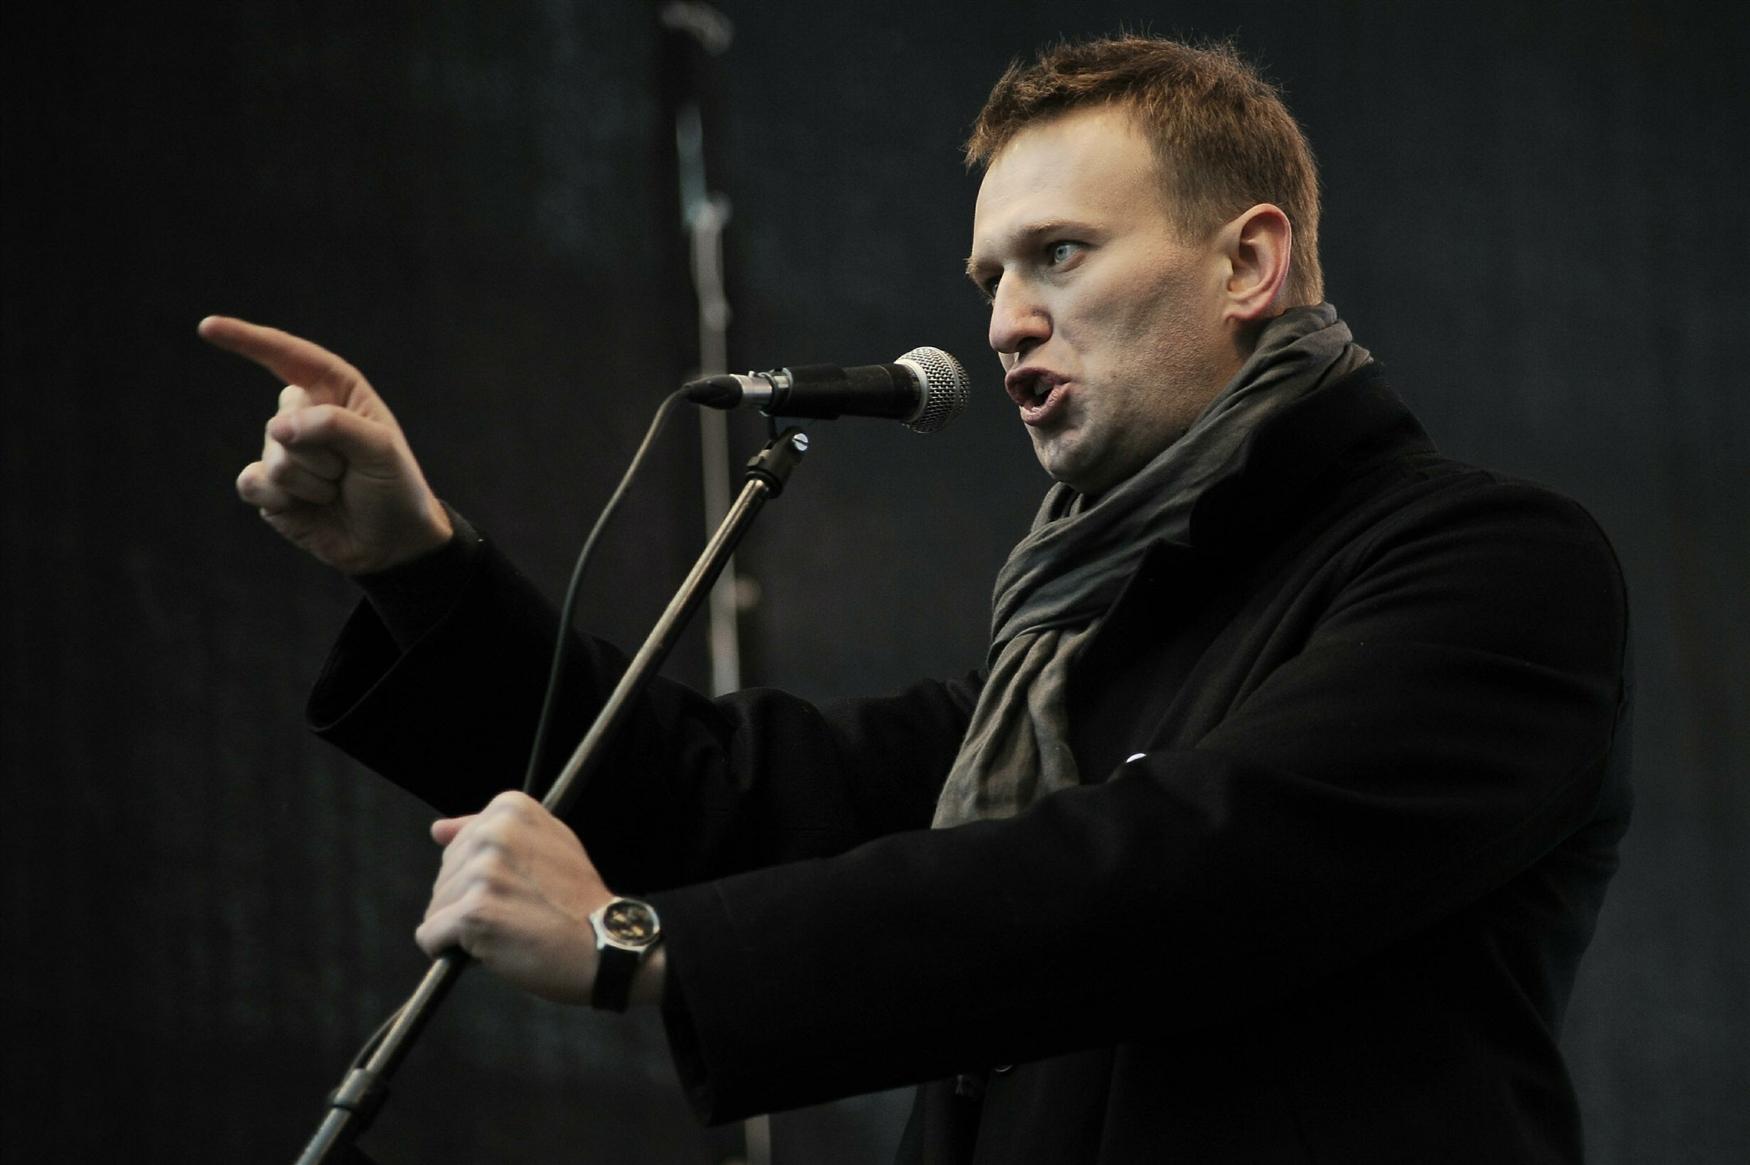 Кремль бьет тревогу: после оппозиционных митингов против коррупции, которые прокатились по всей России, рейтинг Навального значительно увеличился